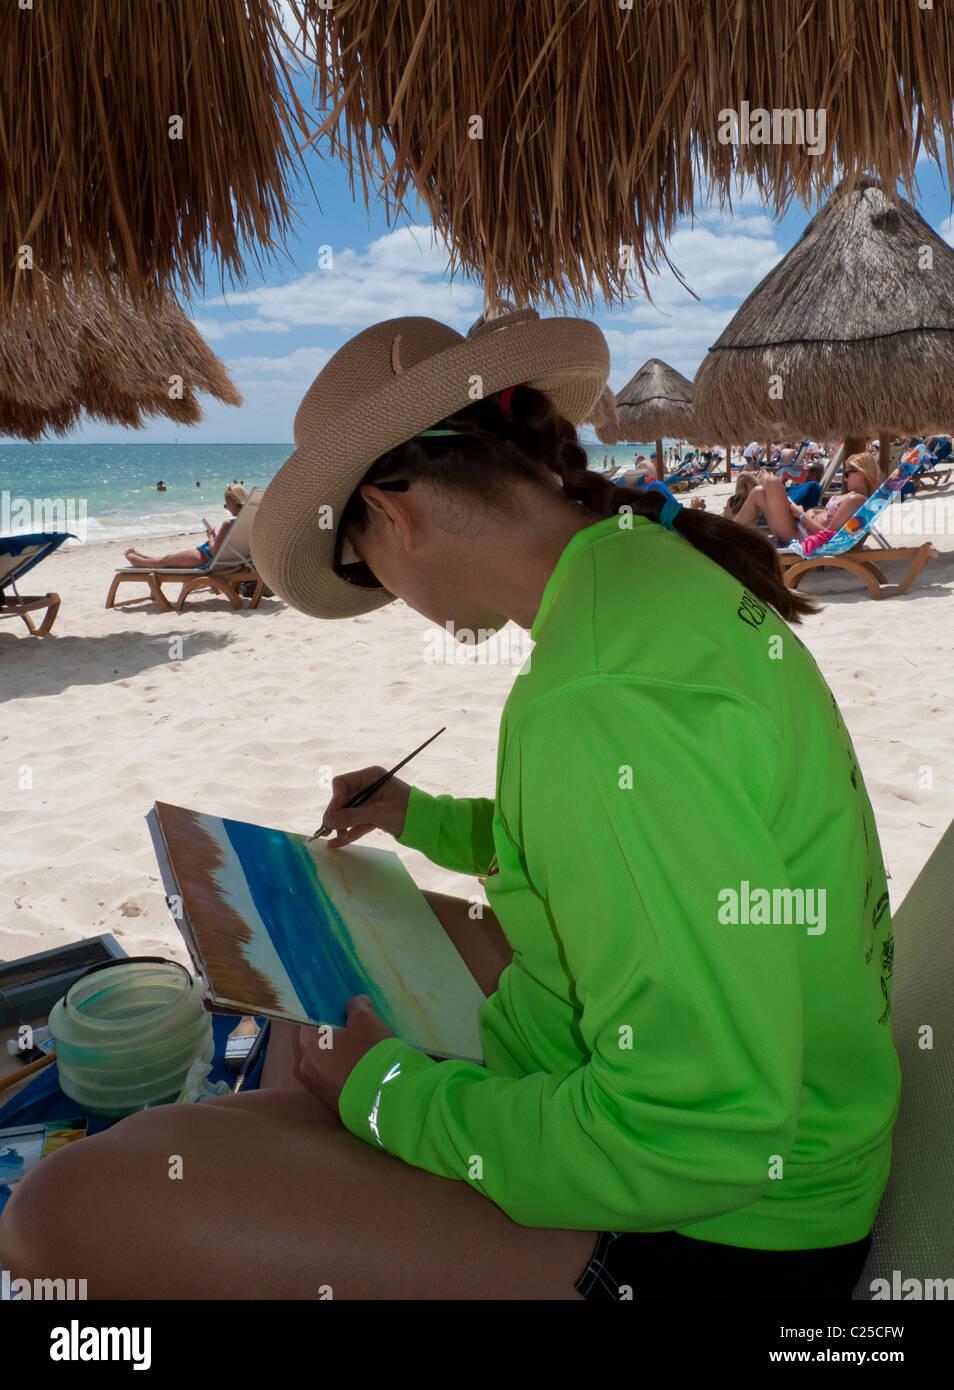 Una donna artista usa acquerelli di dipingere una scena sulla spiaggia di un resort sulla Riviera Maya in Messico Immagini Stock